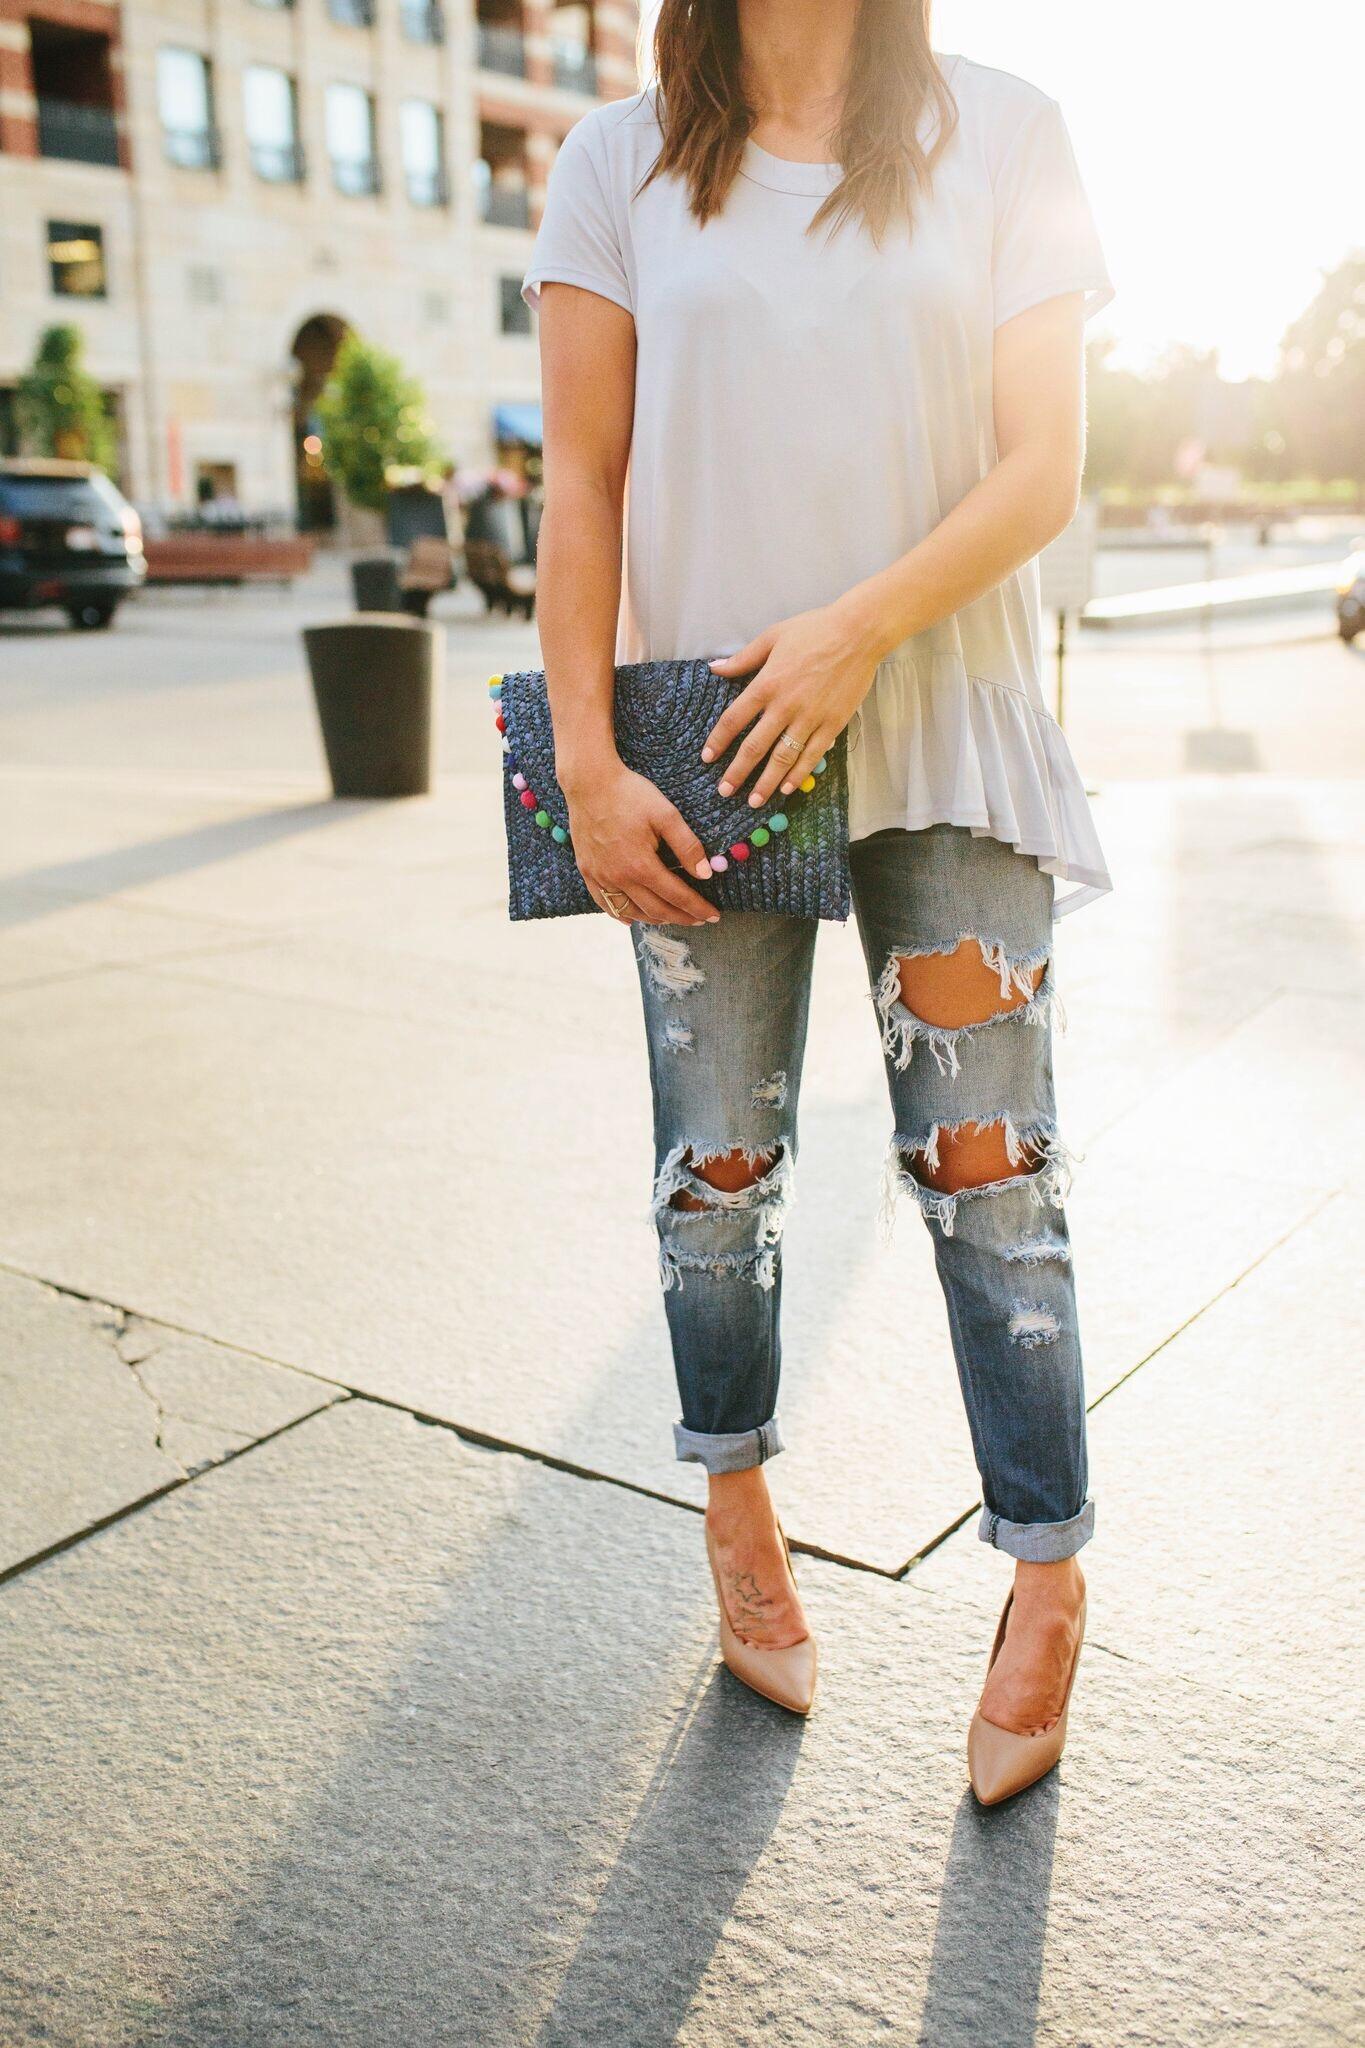 """<img src =""""how-to-wear-boyfriend-jeans.jpg"""" alt = """"golden-hour-sunlight-highlights-a-waist-down-shot-of-fashion-blogger-teddybearsandlipstick-in-her-boyfriend-jeans"""">"""